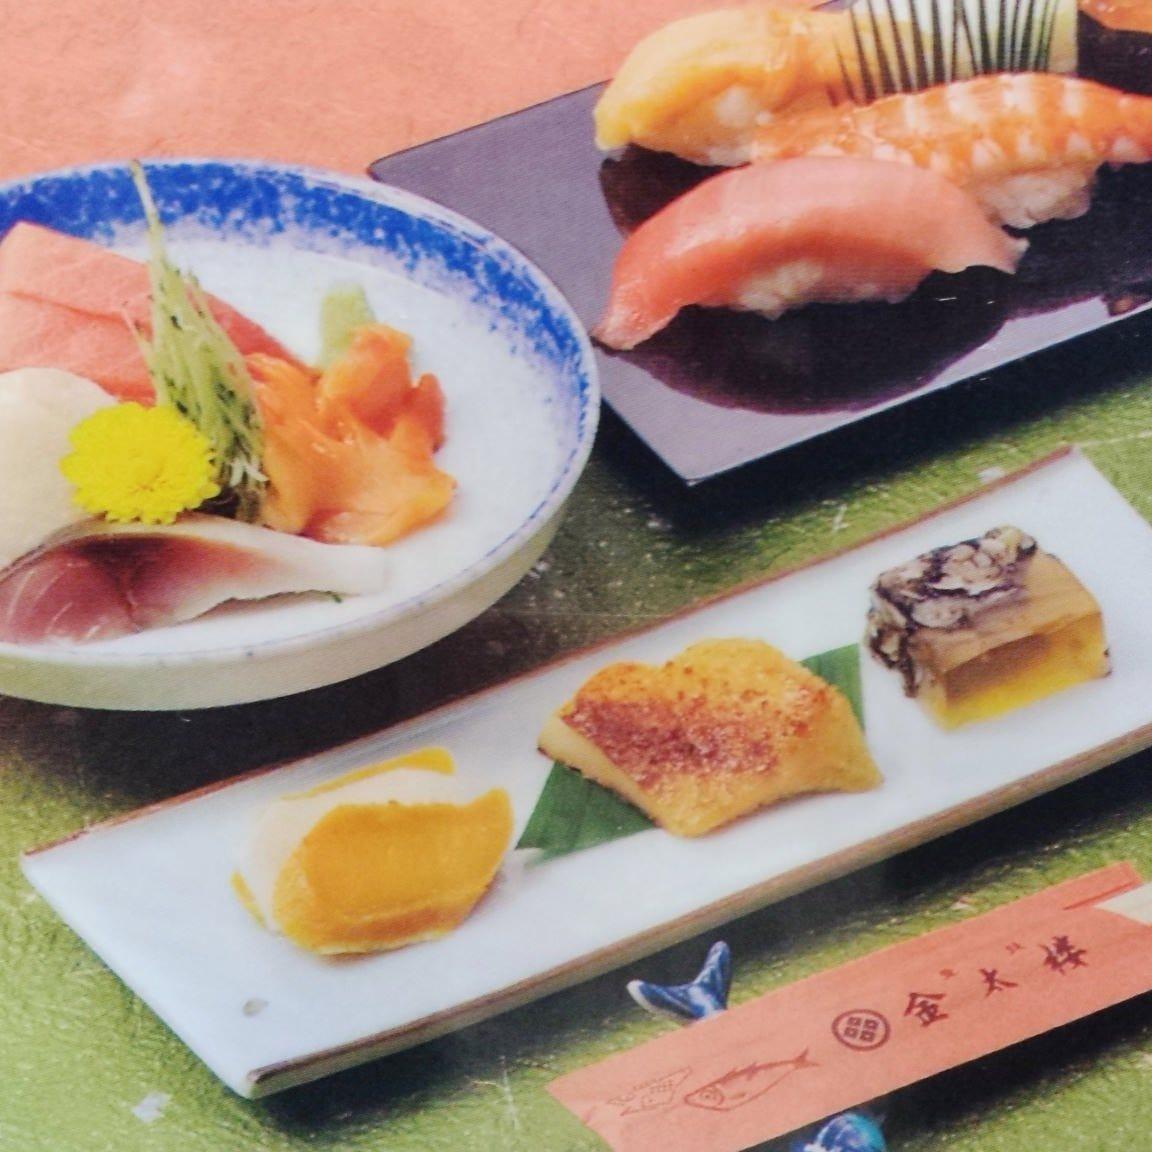 コース料理は4,000円(税抜)~ ご用意しております。